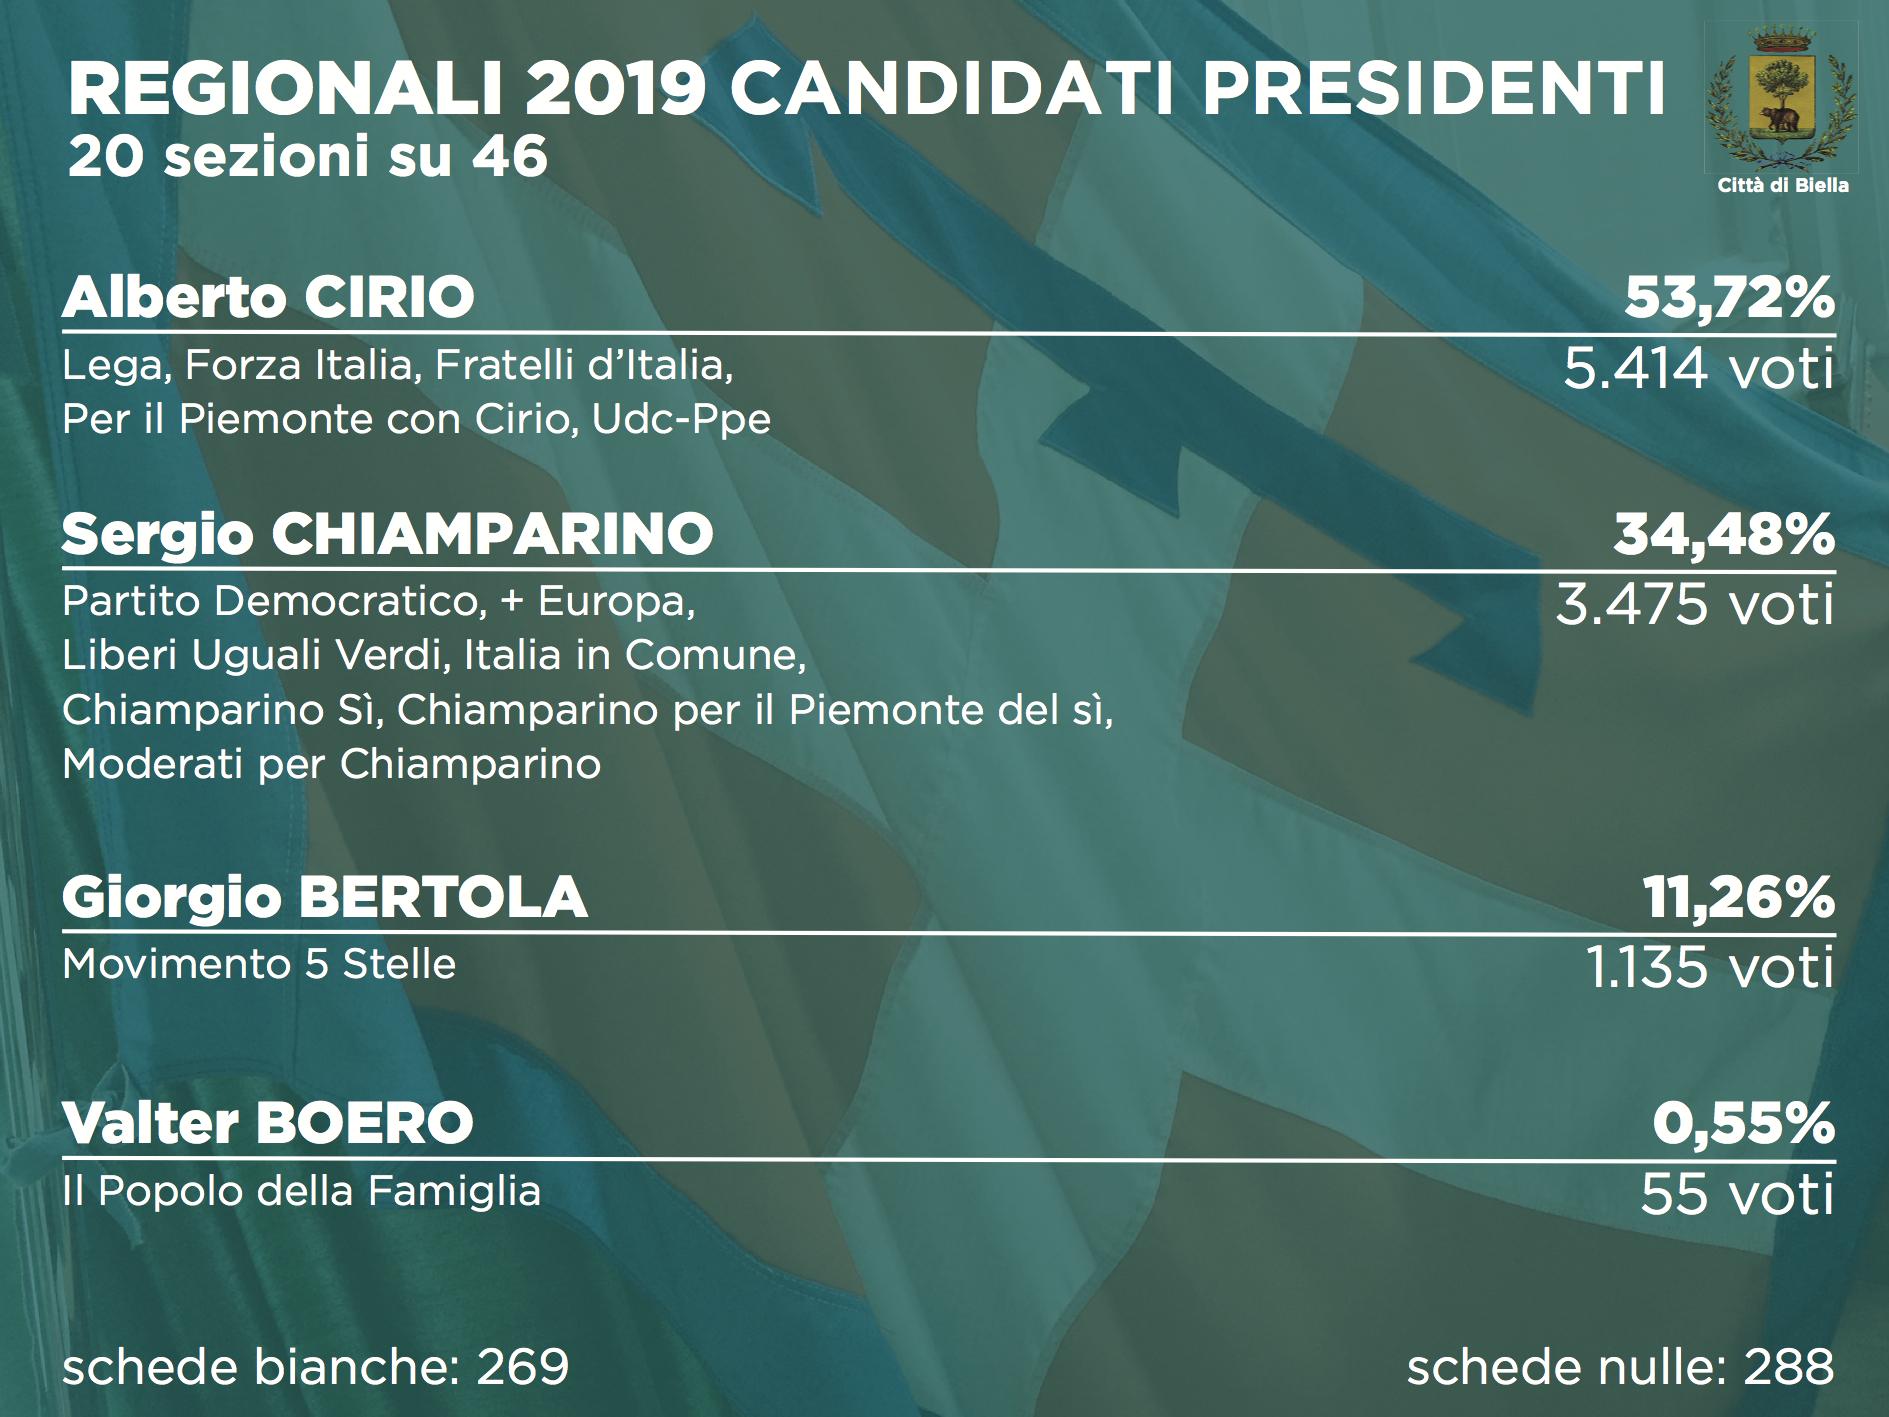 Elezioni 2019, i risultati alle regionali dopo 20 sezioni